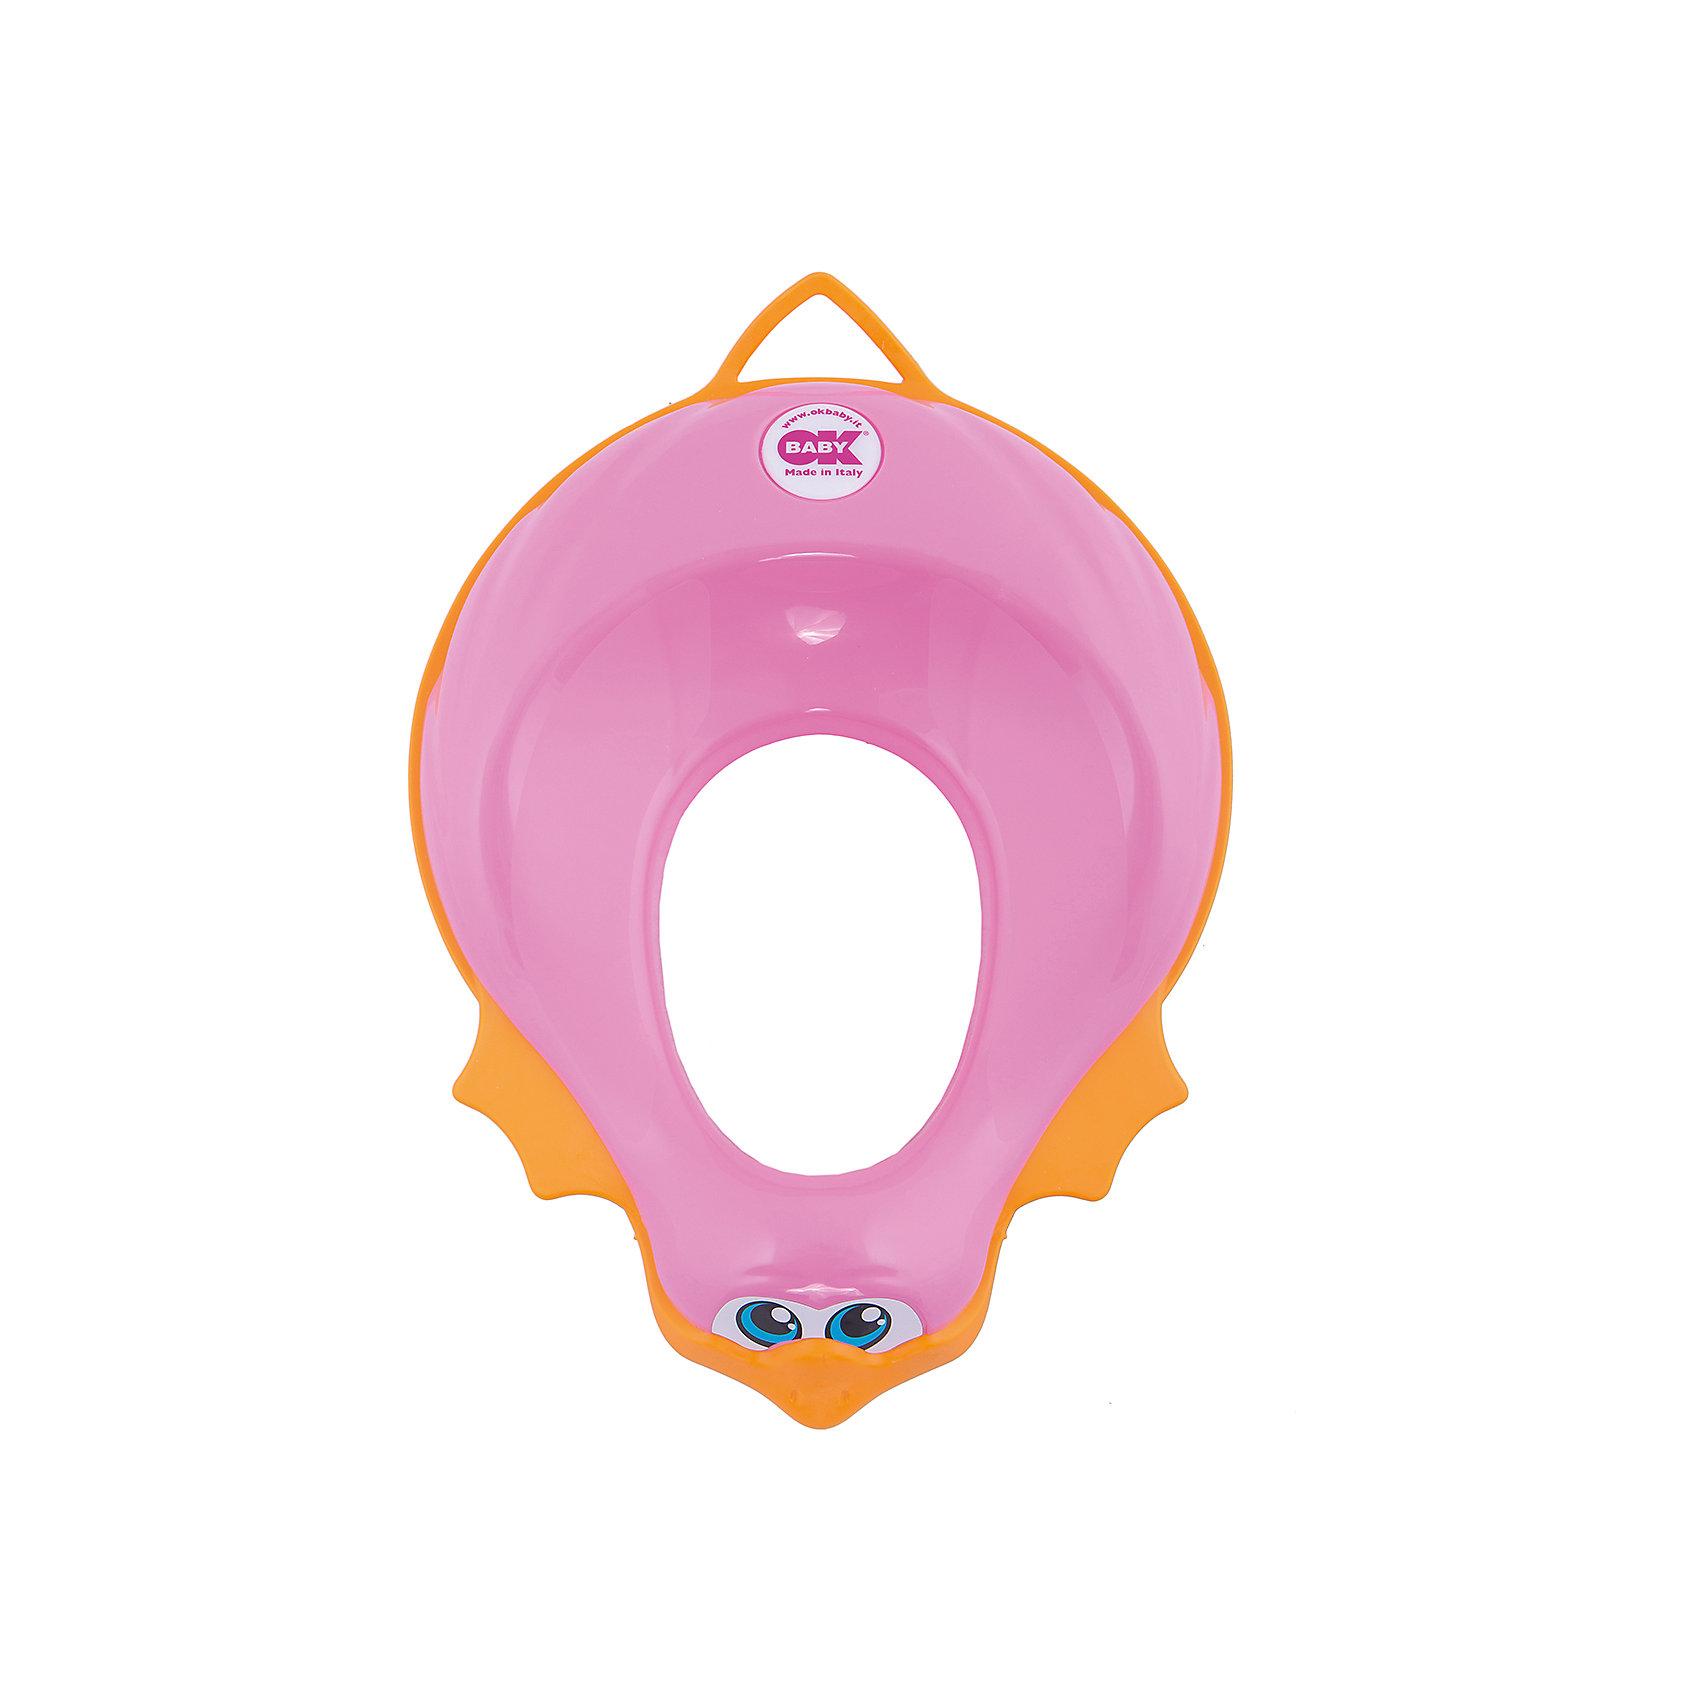 Накладка на унитаз, Ducka, Ok Baby, розовыйГоршки, сиденья для унитаза, стульчики-подставки<br>Накладка на унитаз выполнена из высококачественных материалов, имеет привлекательный дизайн и яркий цвет. Сиденье обязательно понравится ребенку и поможет быстро приучить кроху к унитазу. Поверхность, выполненная из мягкой резины, не позволит накладке соскользнуть или изменить свое положение в то время, когда ребенок сидит на ней, обеспечит безопасность и комфорт. <br><br>Дополнительная информация:<br><br>- Материал: пластик, резина.<br>- Размер: 32,5х9,5х41 см.<br>- Анатомическая форма. <br>- Подходит для унитазов разных форм и размеров. <br>- Яркий, привлекательный дизайн. <br><br>Накладку на унитаз, Ducka, Ok Baby, розовую, можно купить в нашем магазине.<br><br>Ширина мм: 950<br>Глубина мм: 410<br>Высота мм: 325<br>Вес г: 800<br>Возраст от месяцев: 12<br>Возраст до месяцев: 48<br>Пол: Унисекс<br>Возраст: Детский<br>SKU: 4443718